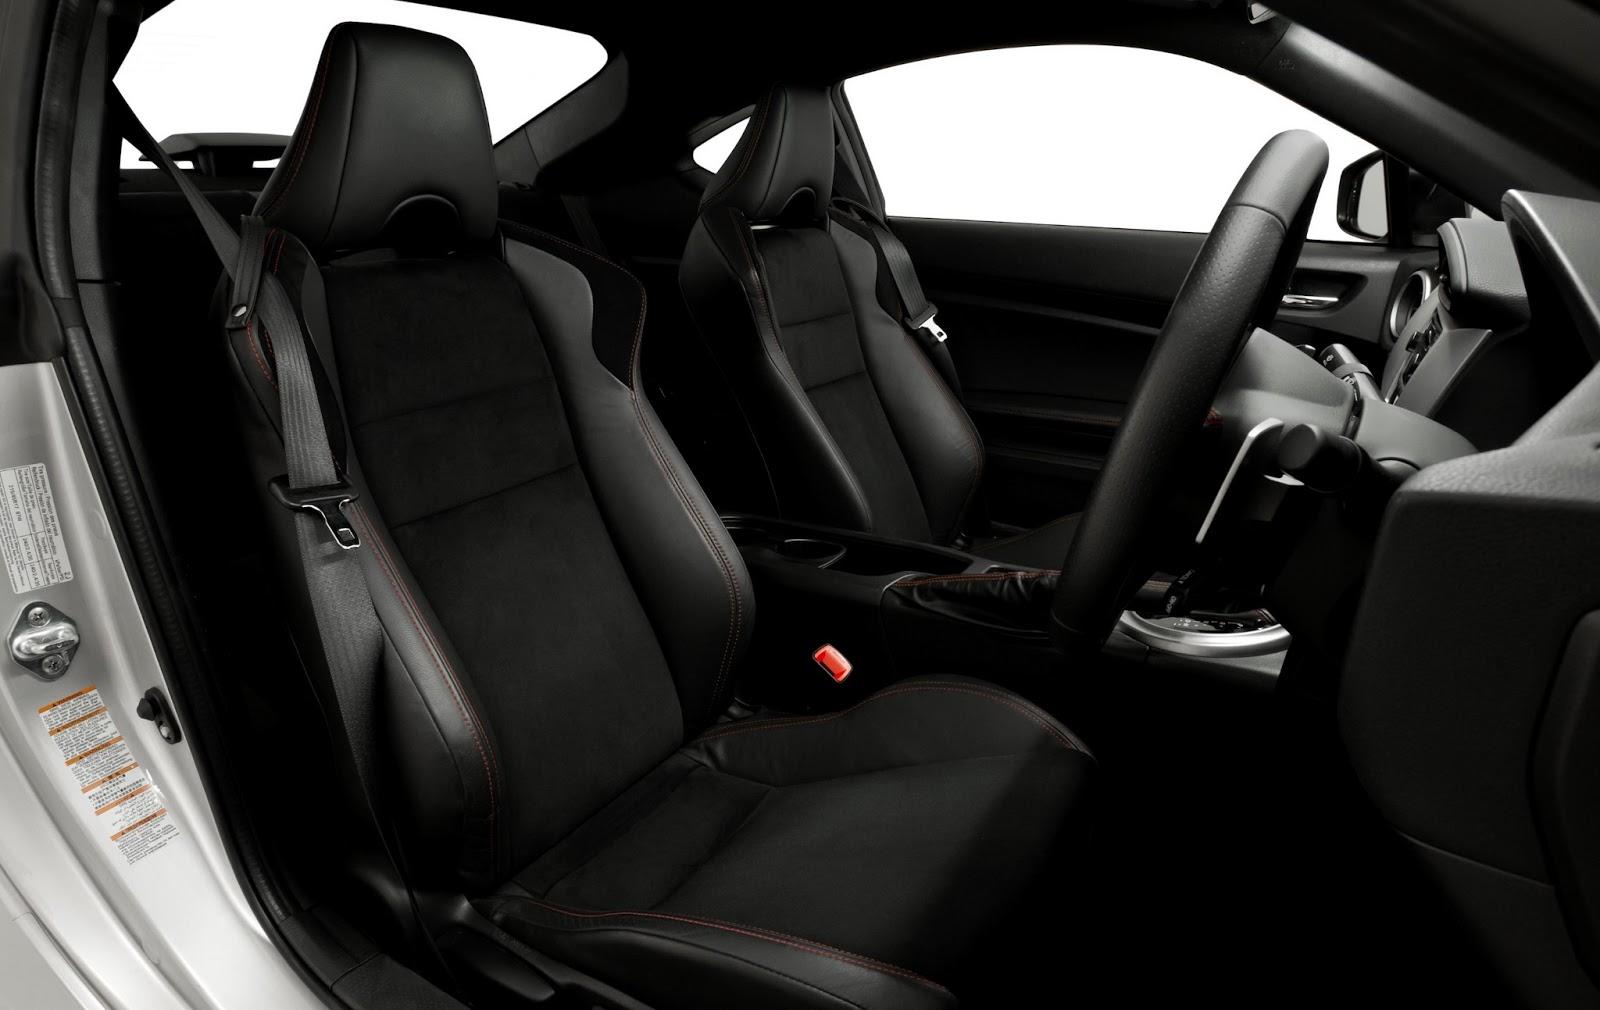 subaru sport - new subaru sports car - subaru brz car